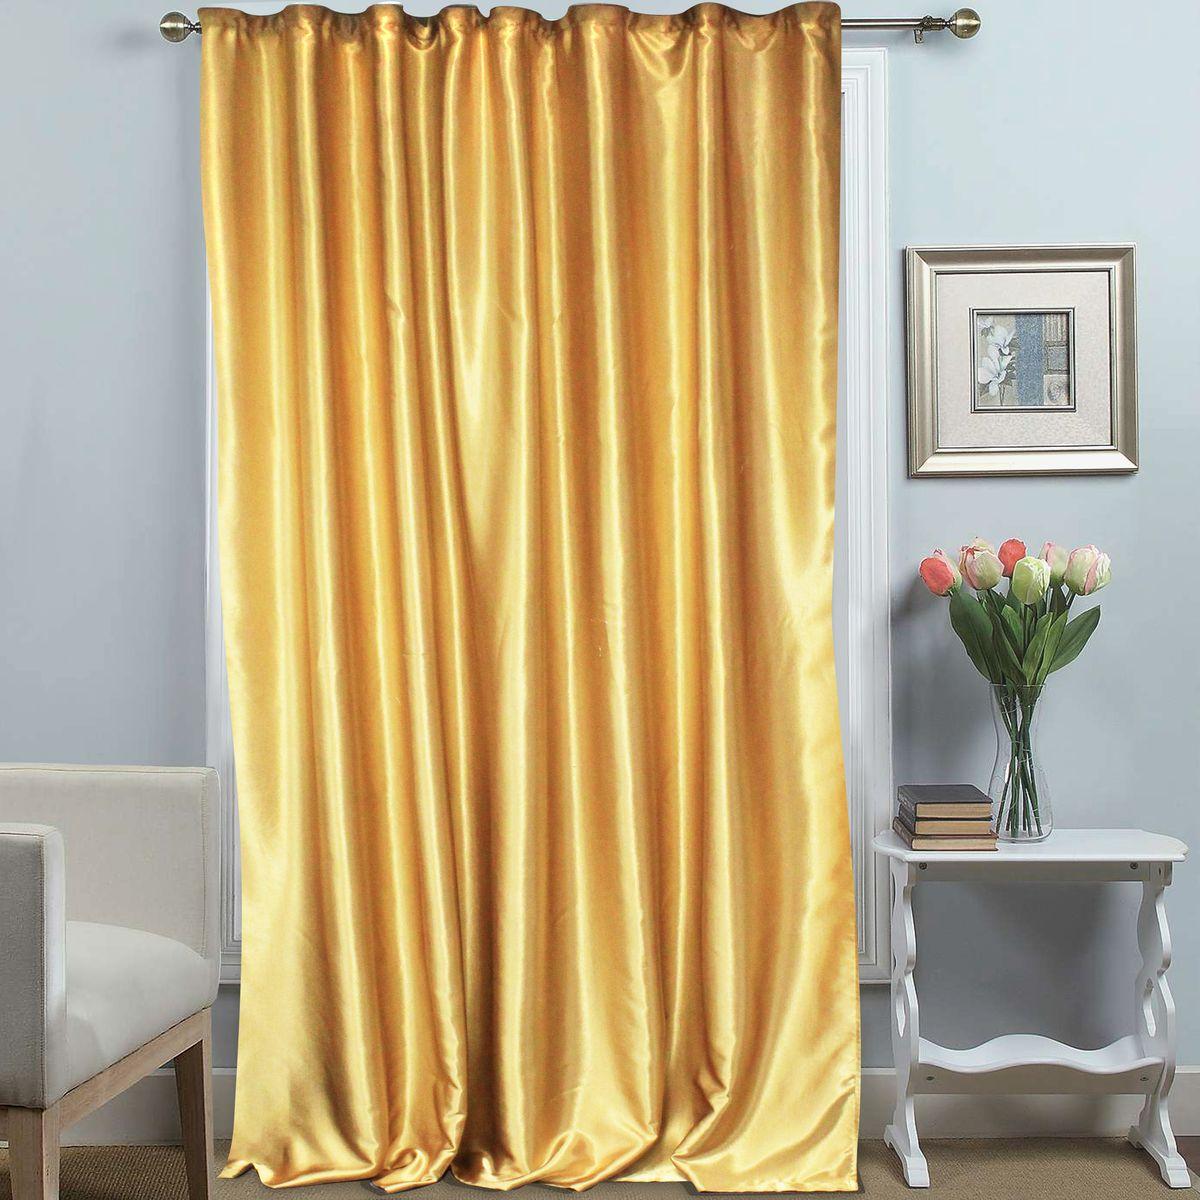 Штора Amore Mio, на ленте, цвет: золото, высота 270 см. 6971569715Однотонная штора на ленте Amore Mio с золотым теплым блеском украсит любое окно. Изделие изготовлено из 100% полиэстера. Полиэстер - вид ткани, состоящий из полиэфирных волокон. Ткани из полиэстера легкие, прочные и износостойкие. Такие изделия не требуют специального ухода, не пылятся и почти не мнутся.